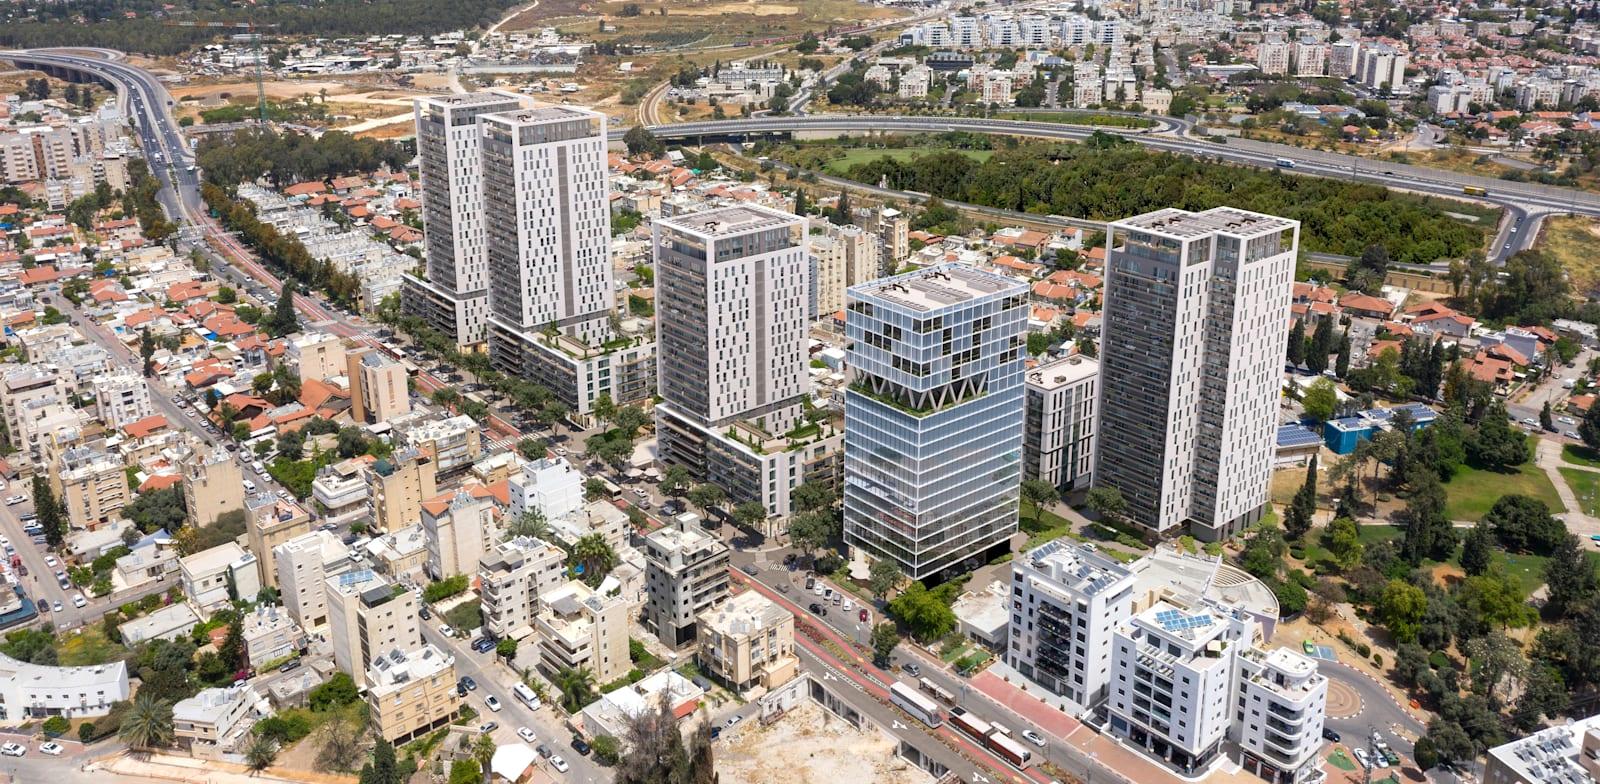 תוכנית התחדשות עירונית ל-610 יחידות דיור במרכז רמלה / צילום: ערן מבל אדריכלים